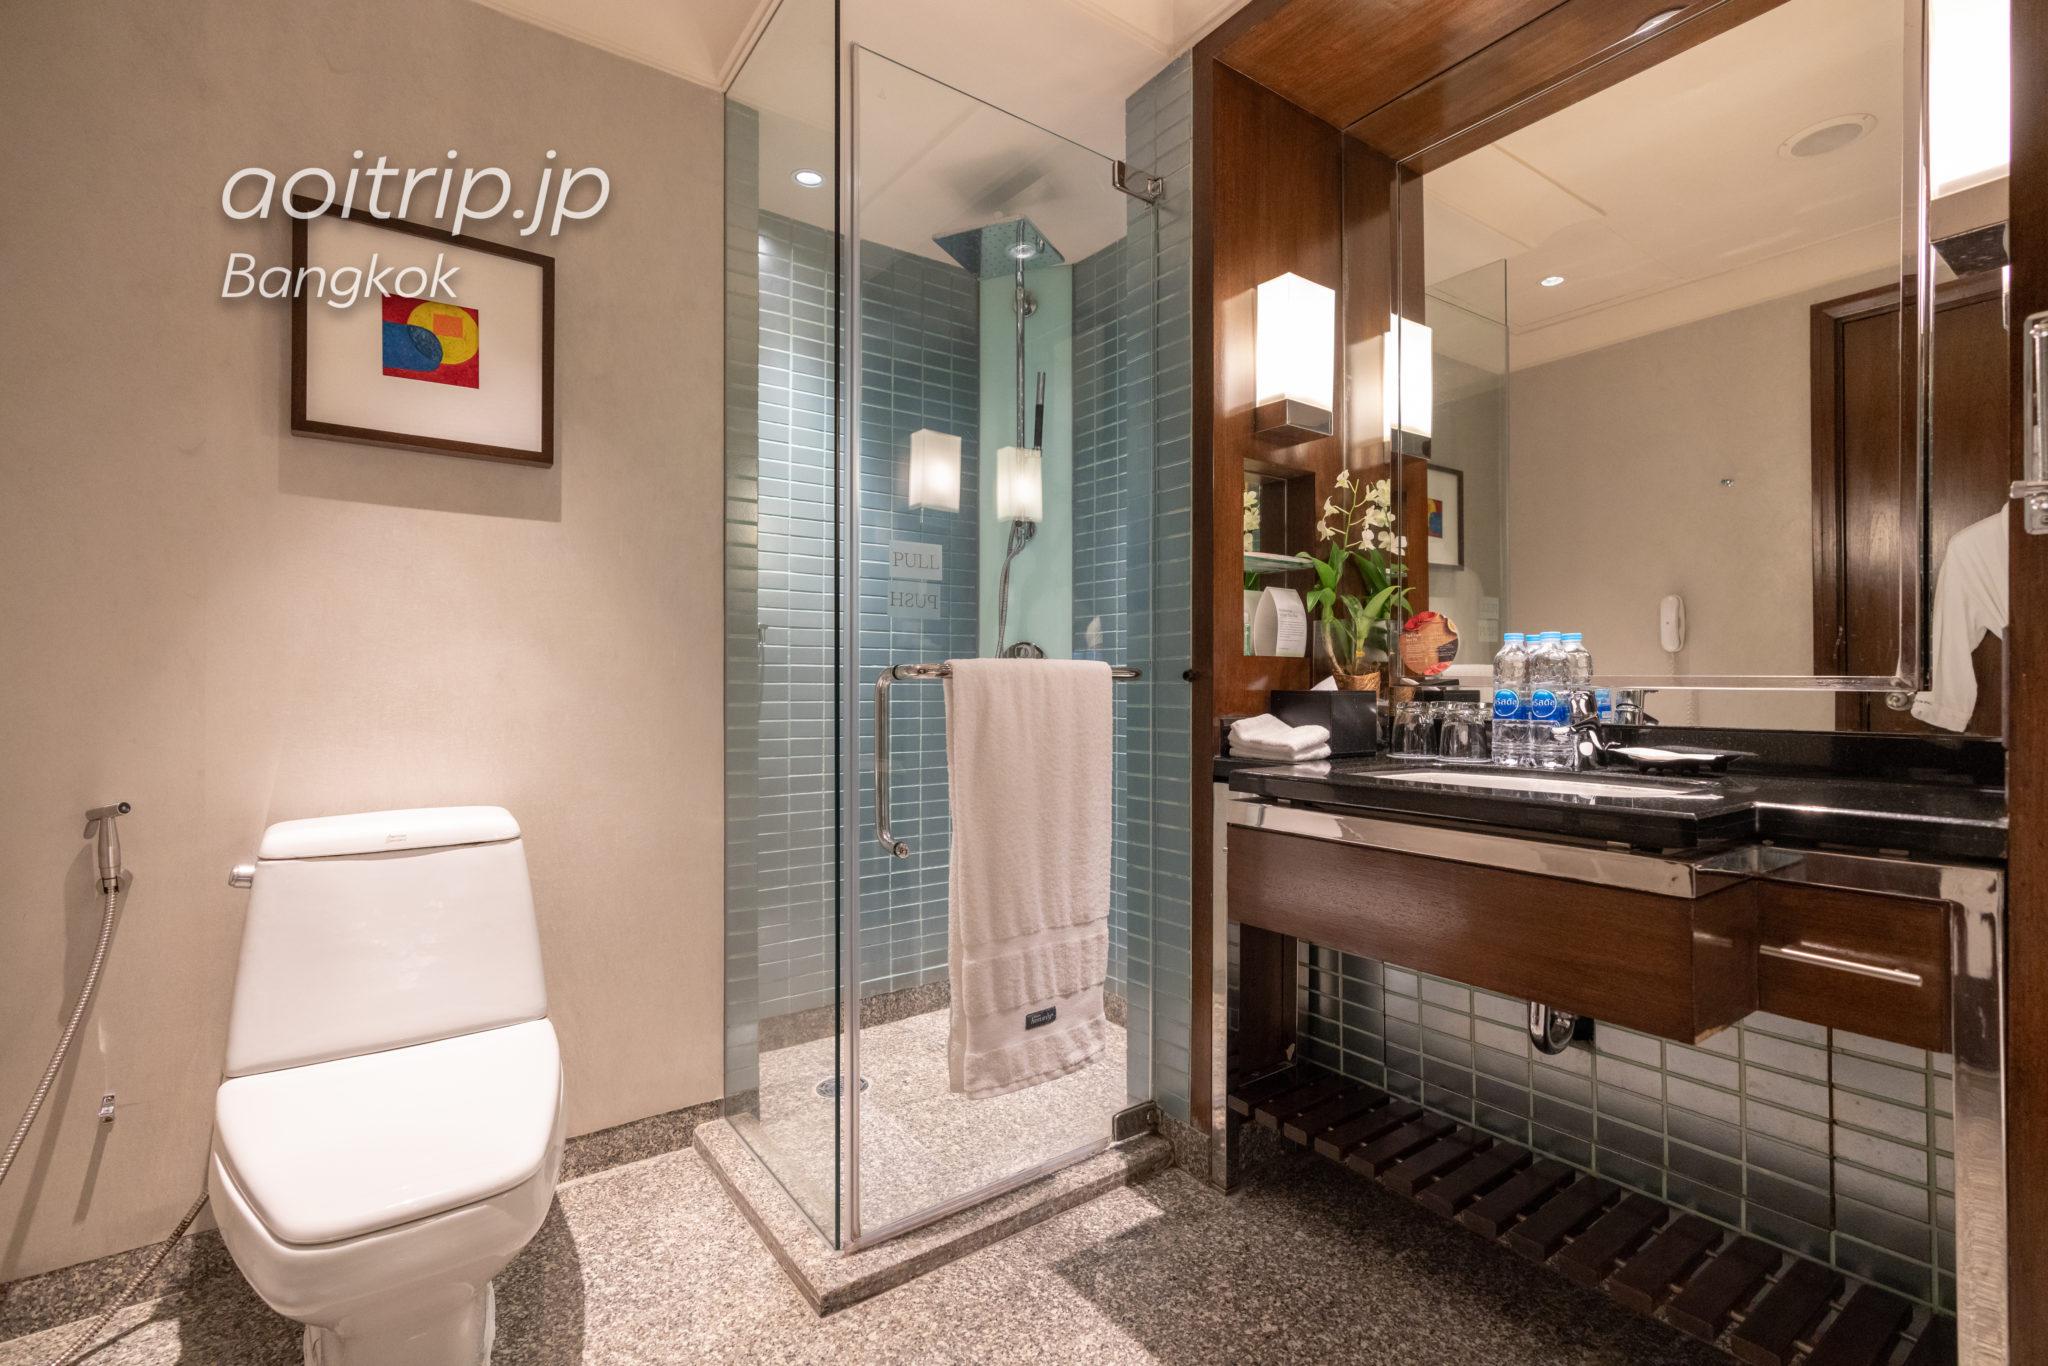 ウェスティン グランデ スクンビット バンコクのバスルーム